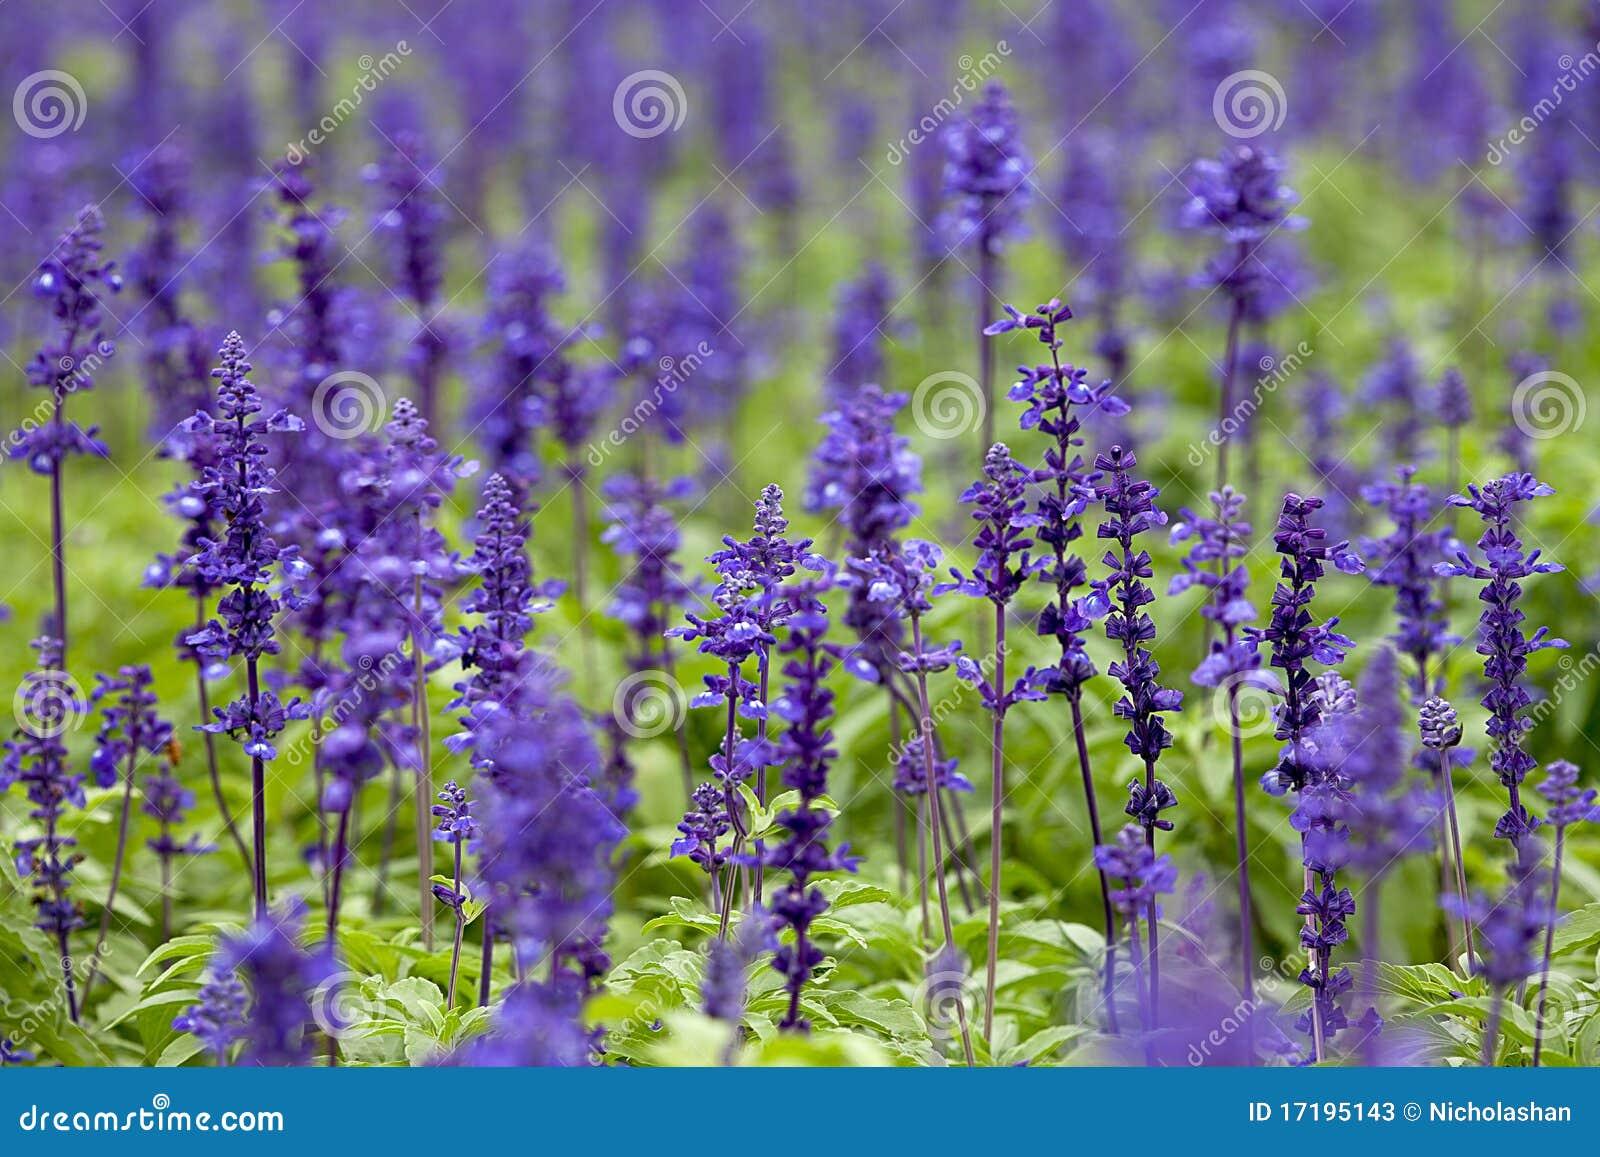 Шалфей зеленый фото цветов